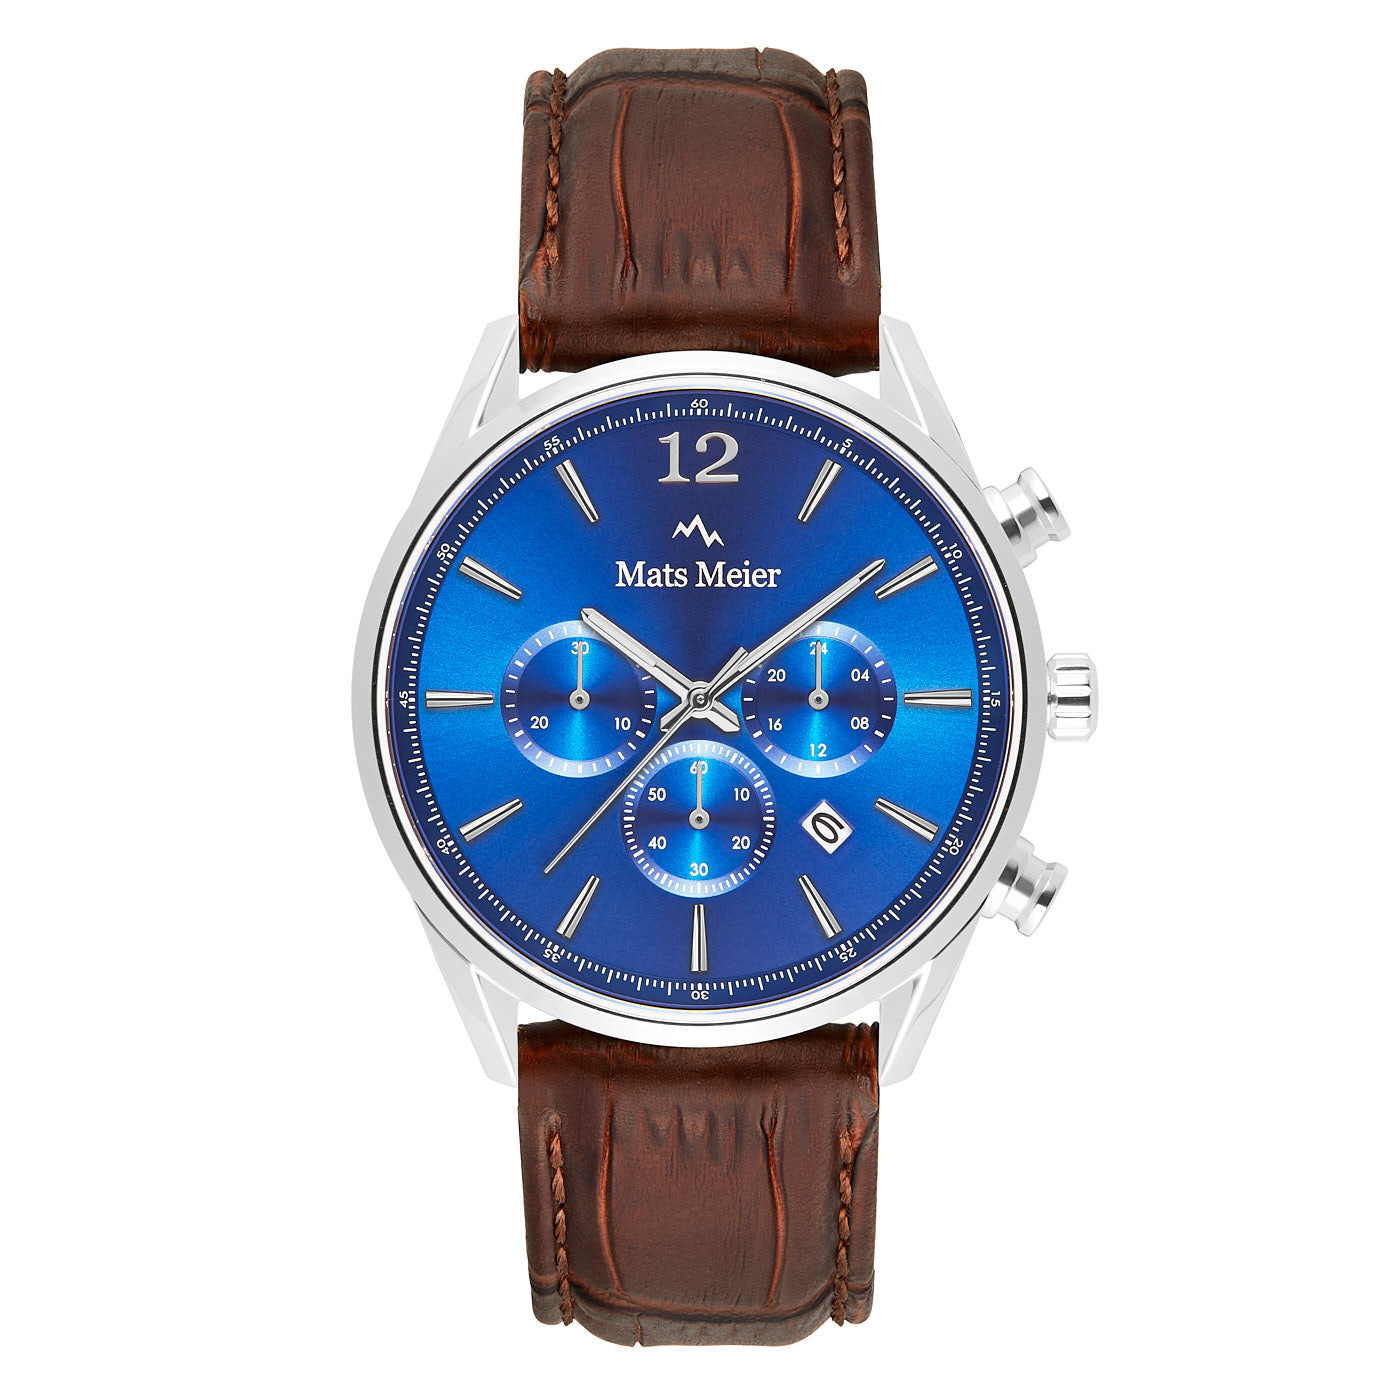 Mats Meier Grand Cornier chronograph watch blue/brown